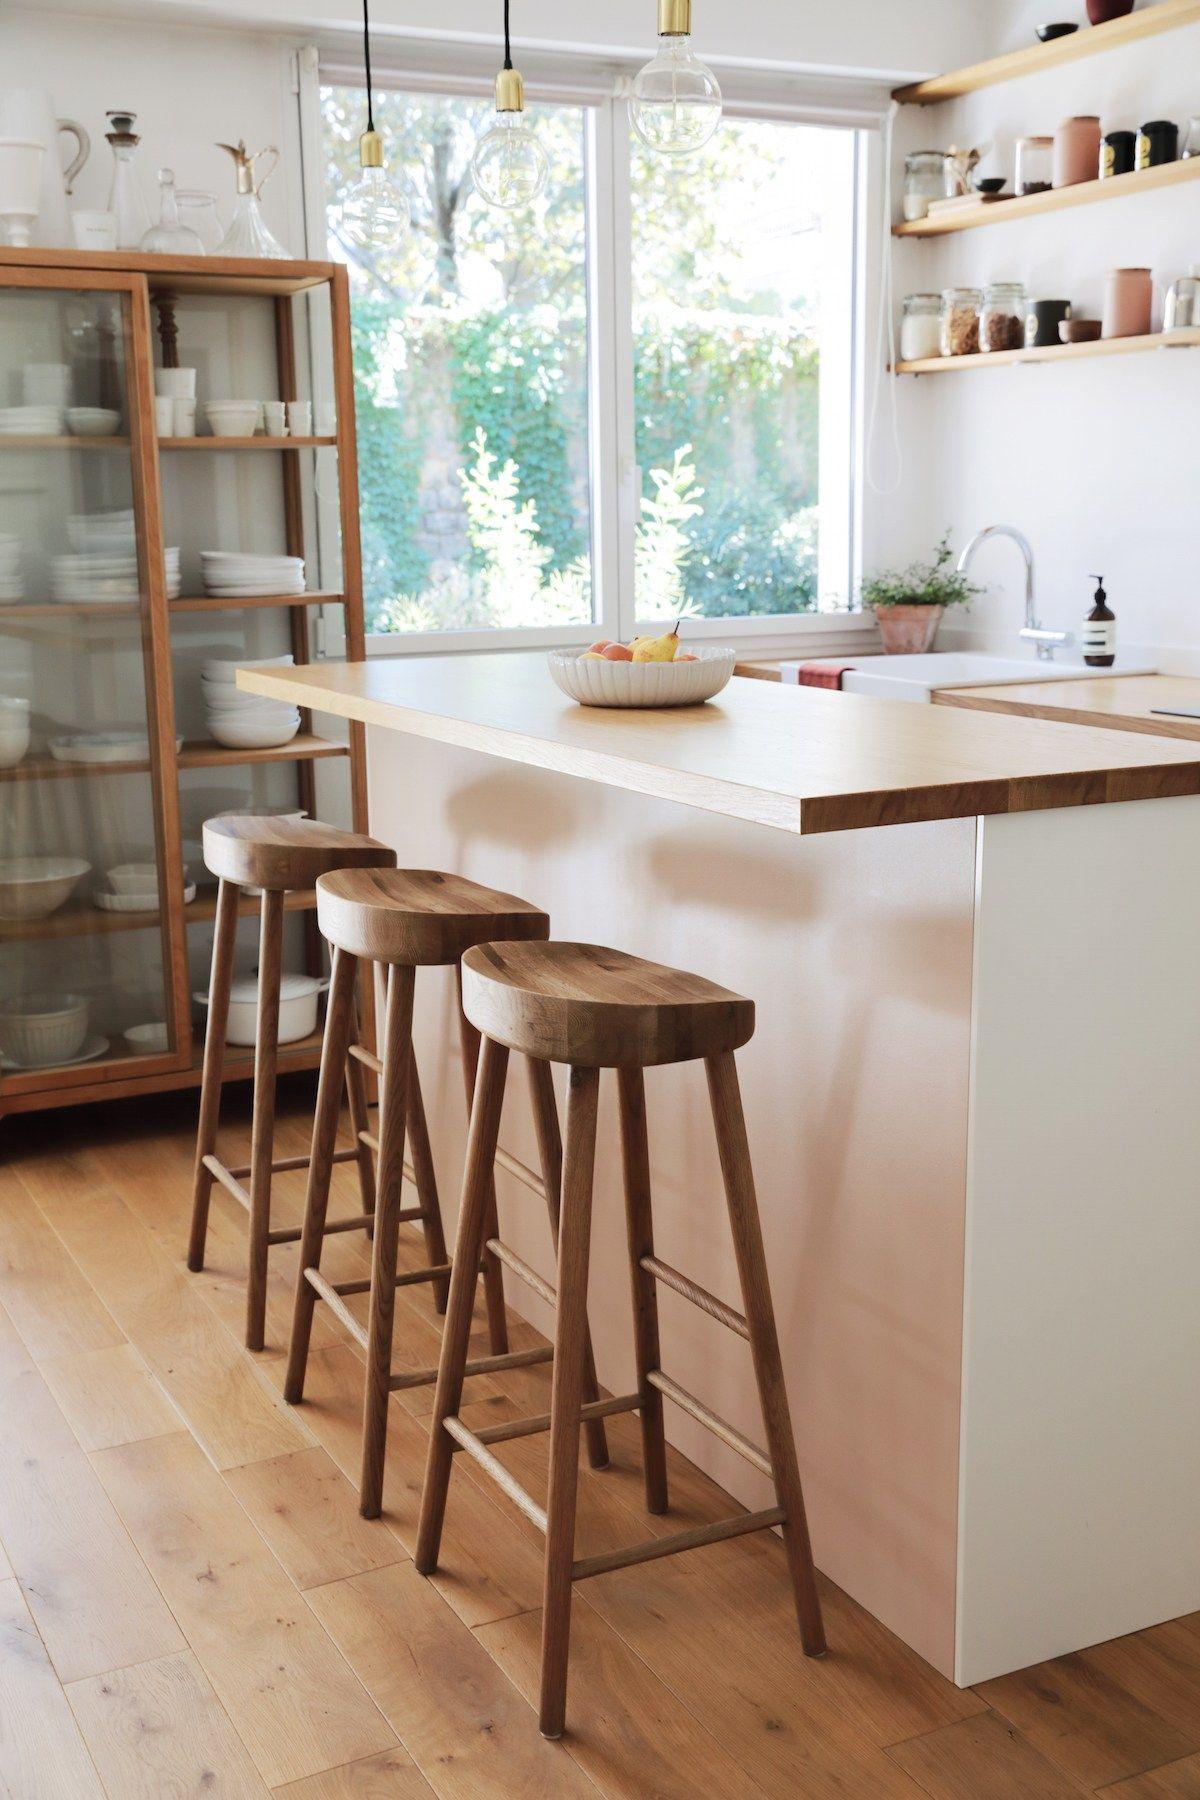 Bienvenue Dans L Appart A La Deco Naturelle Et Minimale De Laralovesparis Appartement Minimaliste Chaise Haute Cuisine Chaise Haute Design